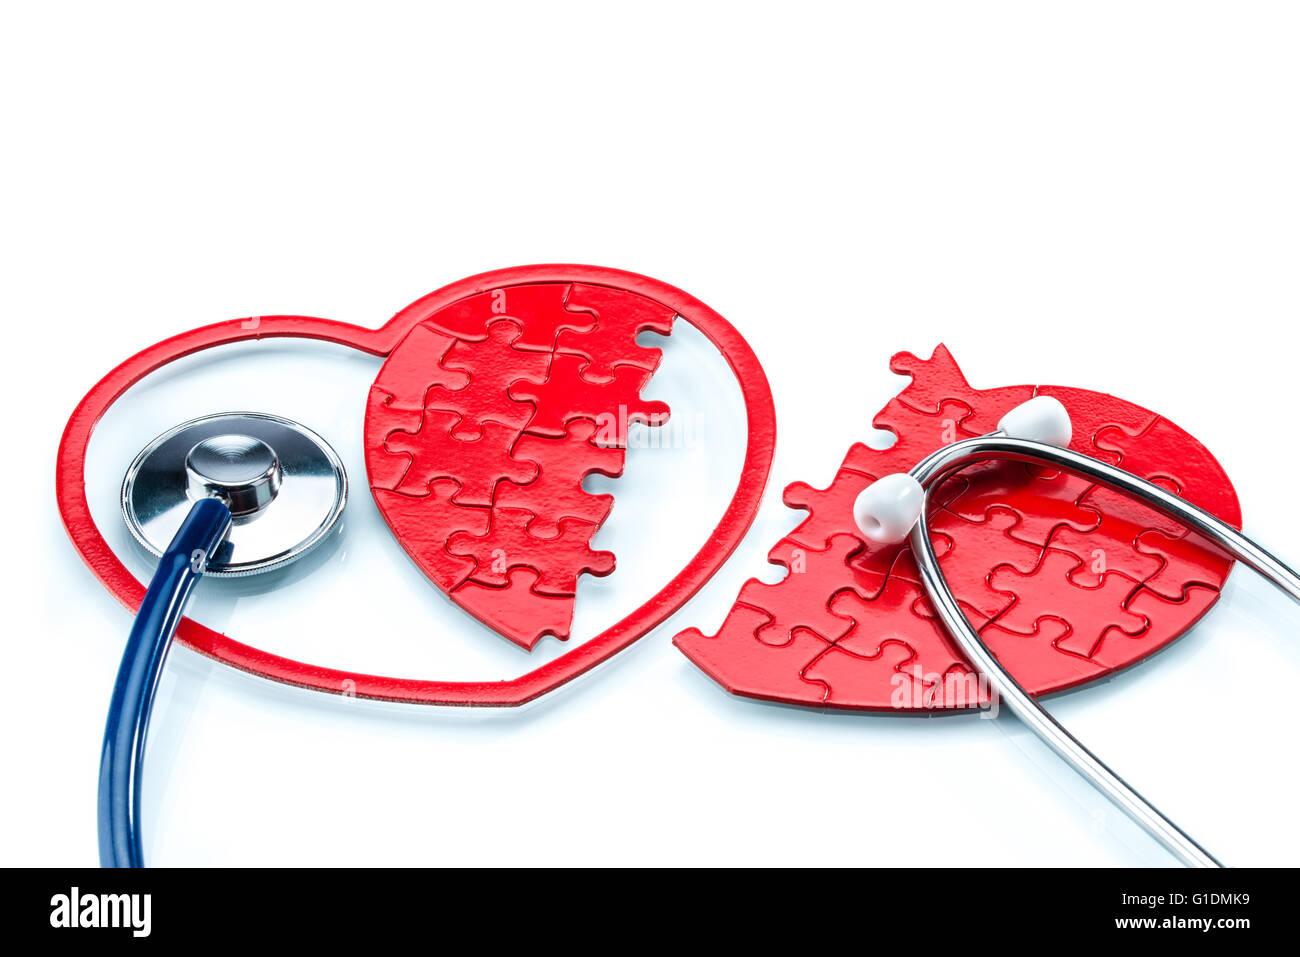 La maladie de coeur, en forme de cœur de Split casse-tête avec stéthoscope sur fond blanc Photo Stock